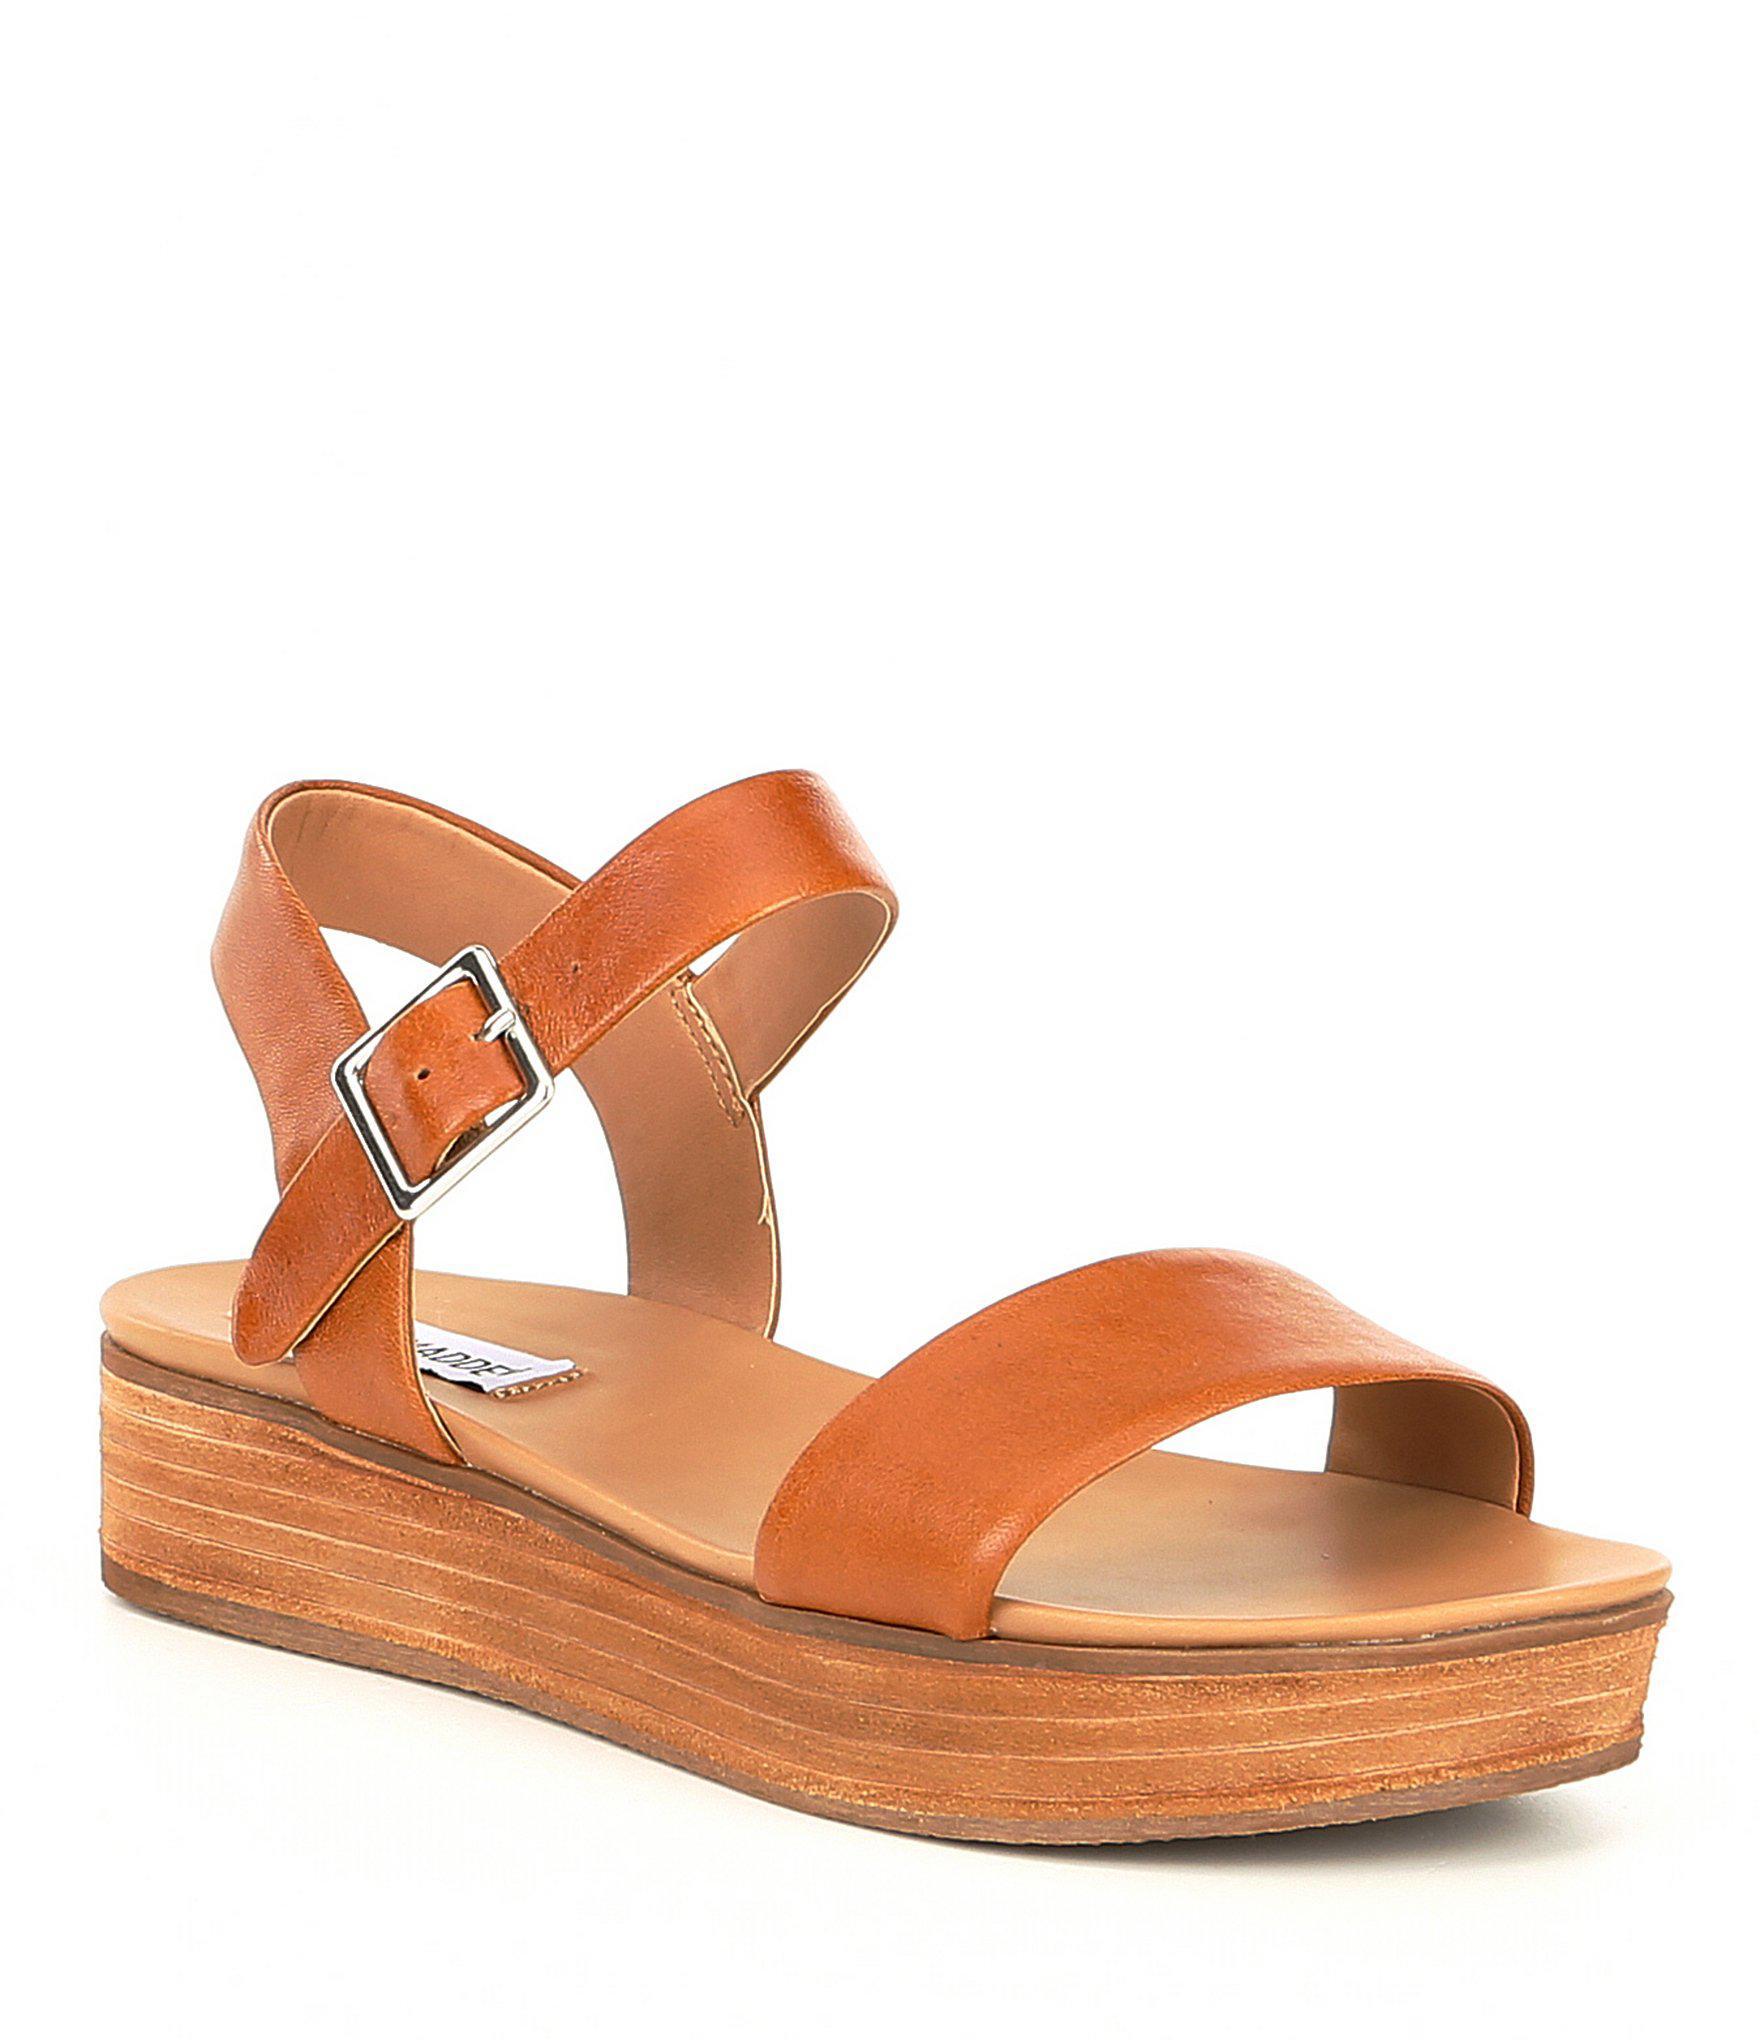 04216dc83544 Lyst - Steve Madden Aida Platform Sandals in Brown